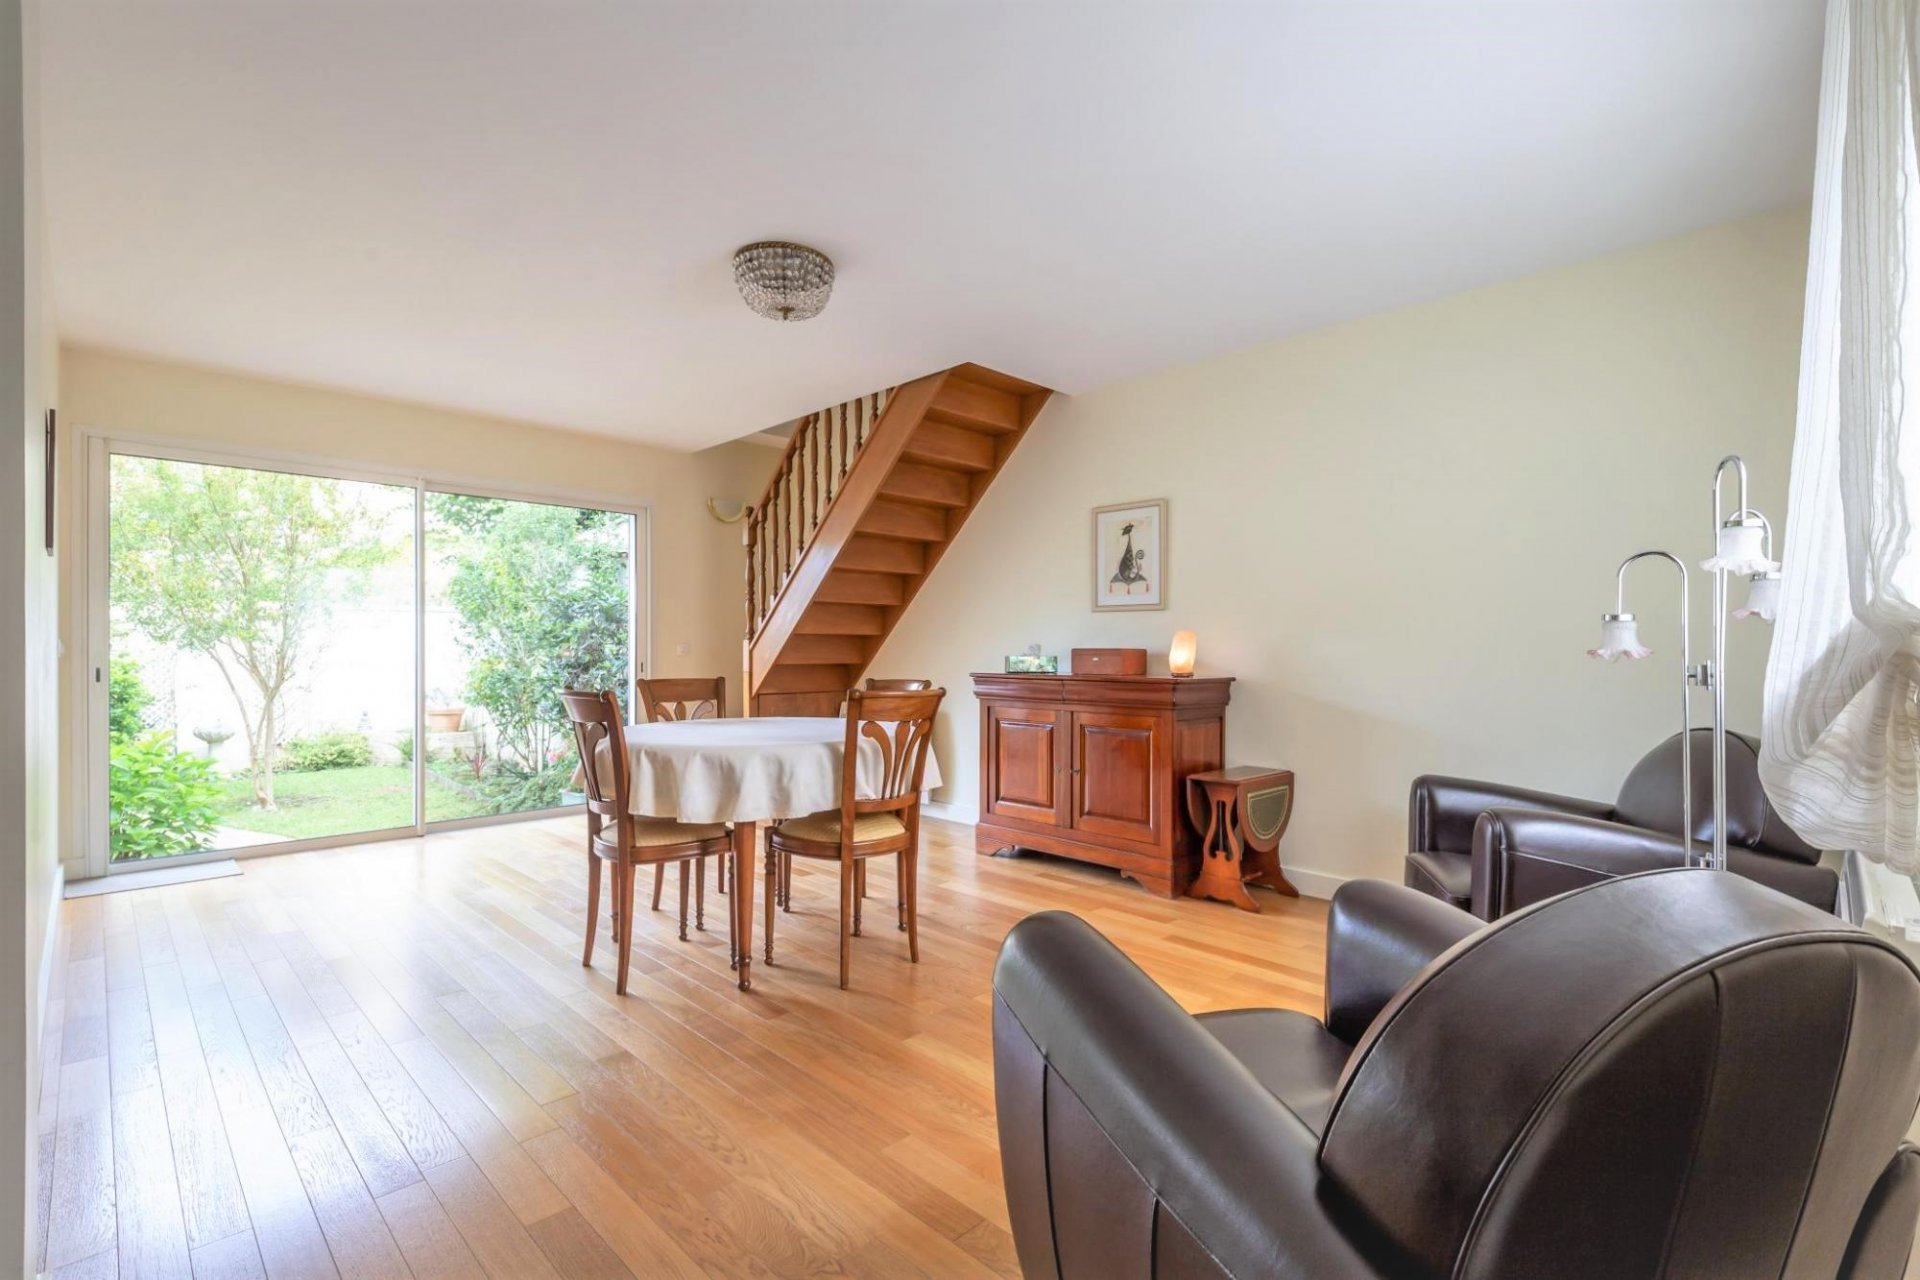 MAISON 3-4 Chambres de 160 m² au sol avec garage